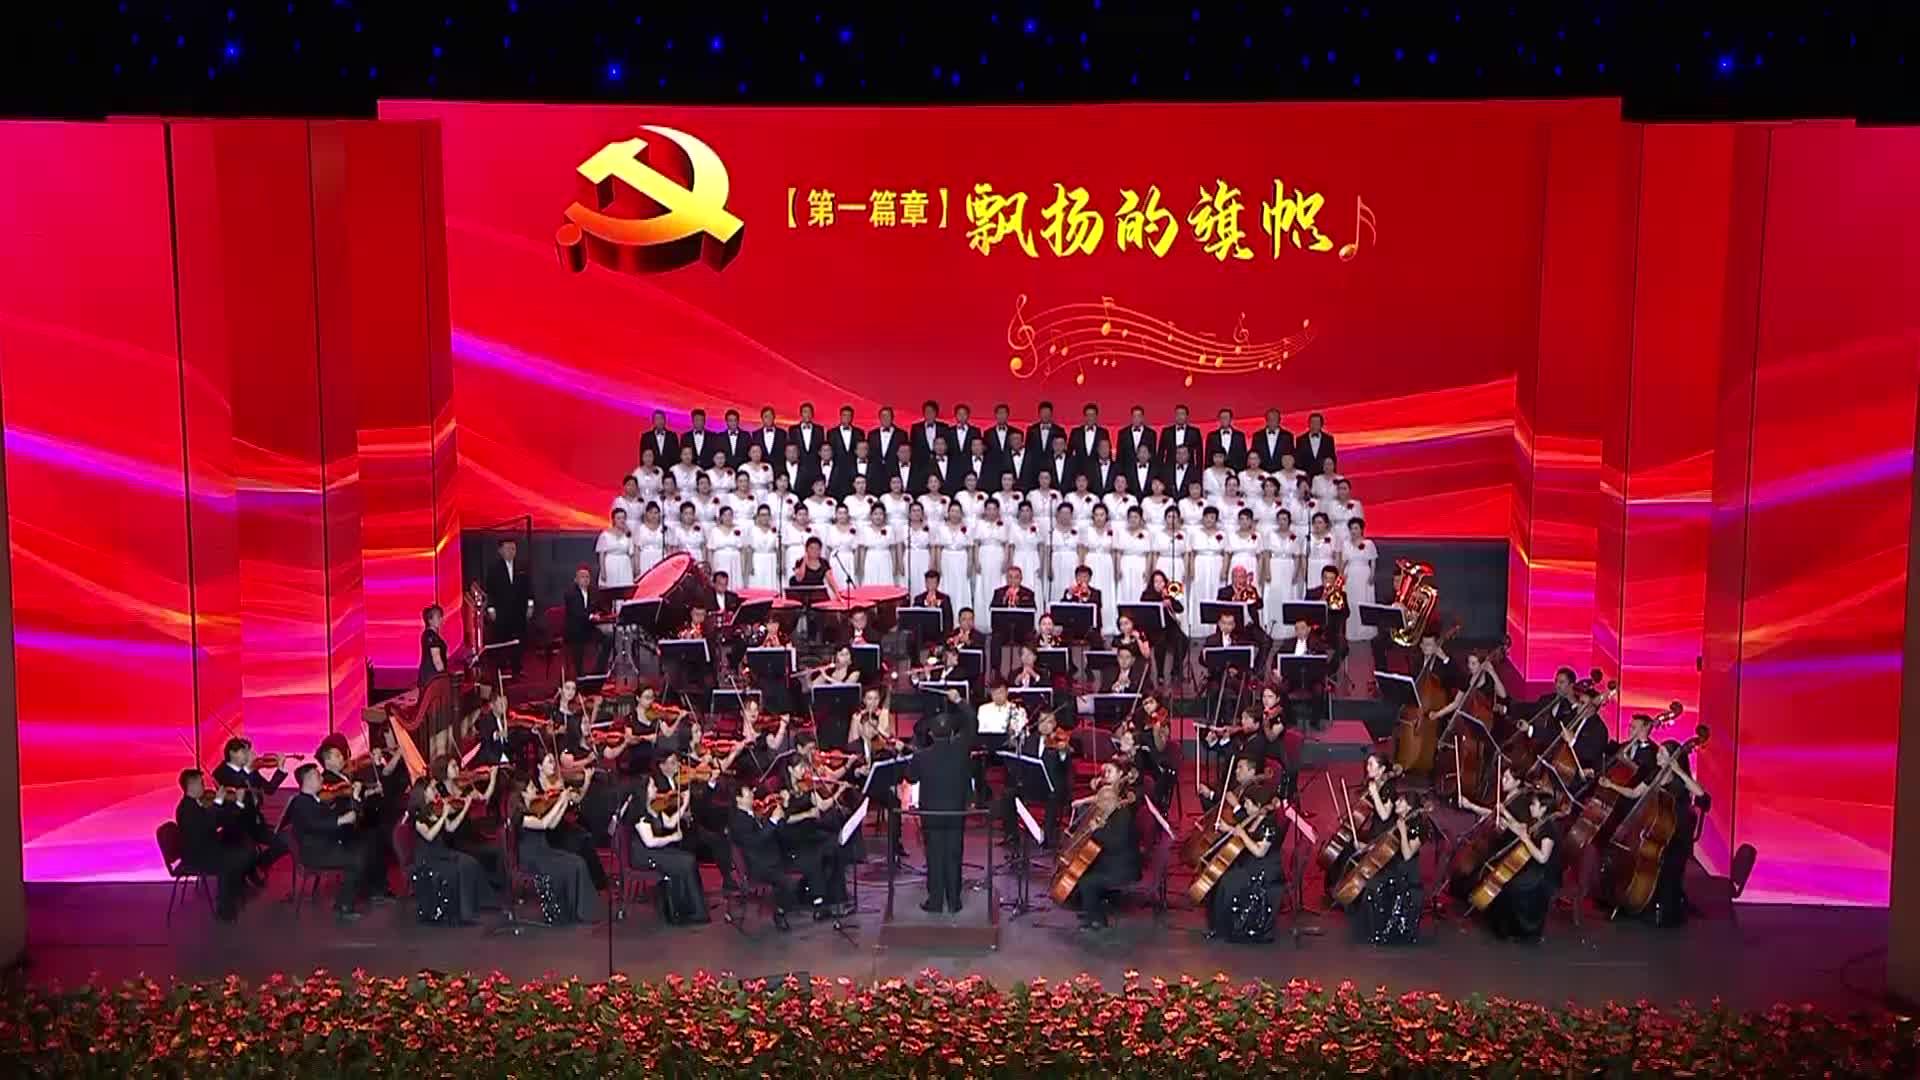 在灿烂阳光下自治区庆祝中国共产党成立99周年交响音乐会